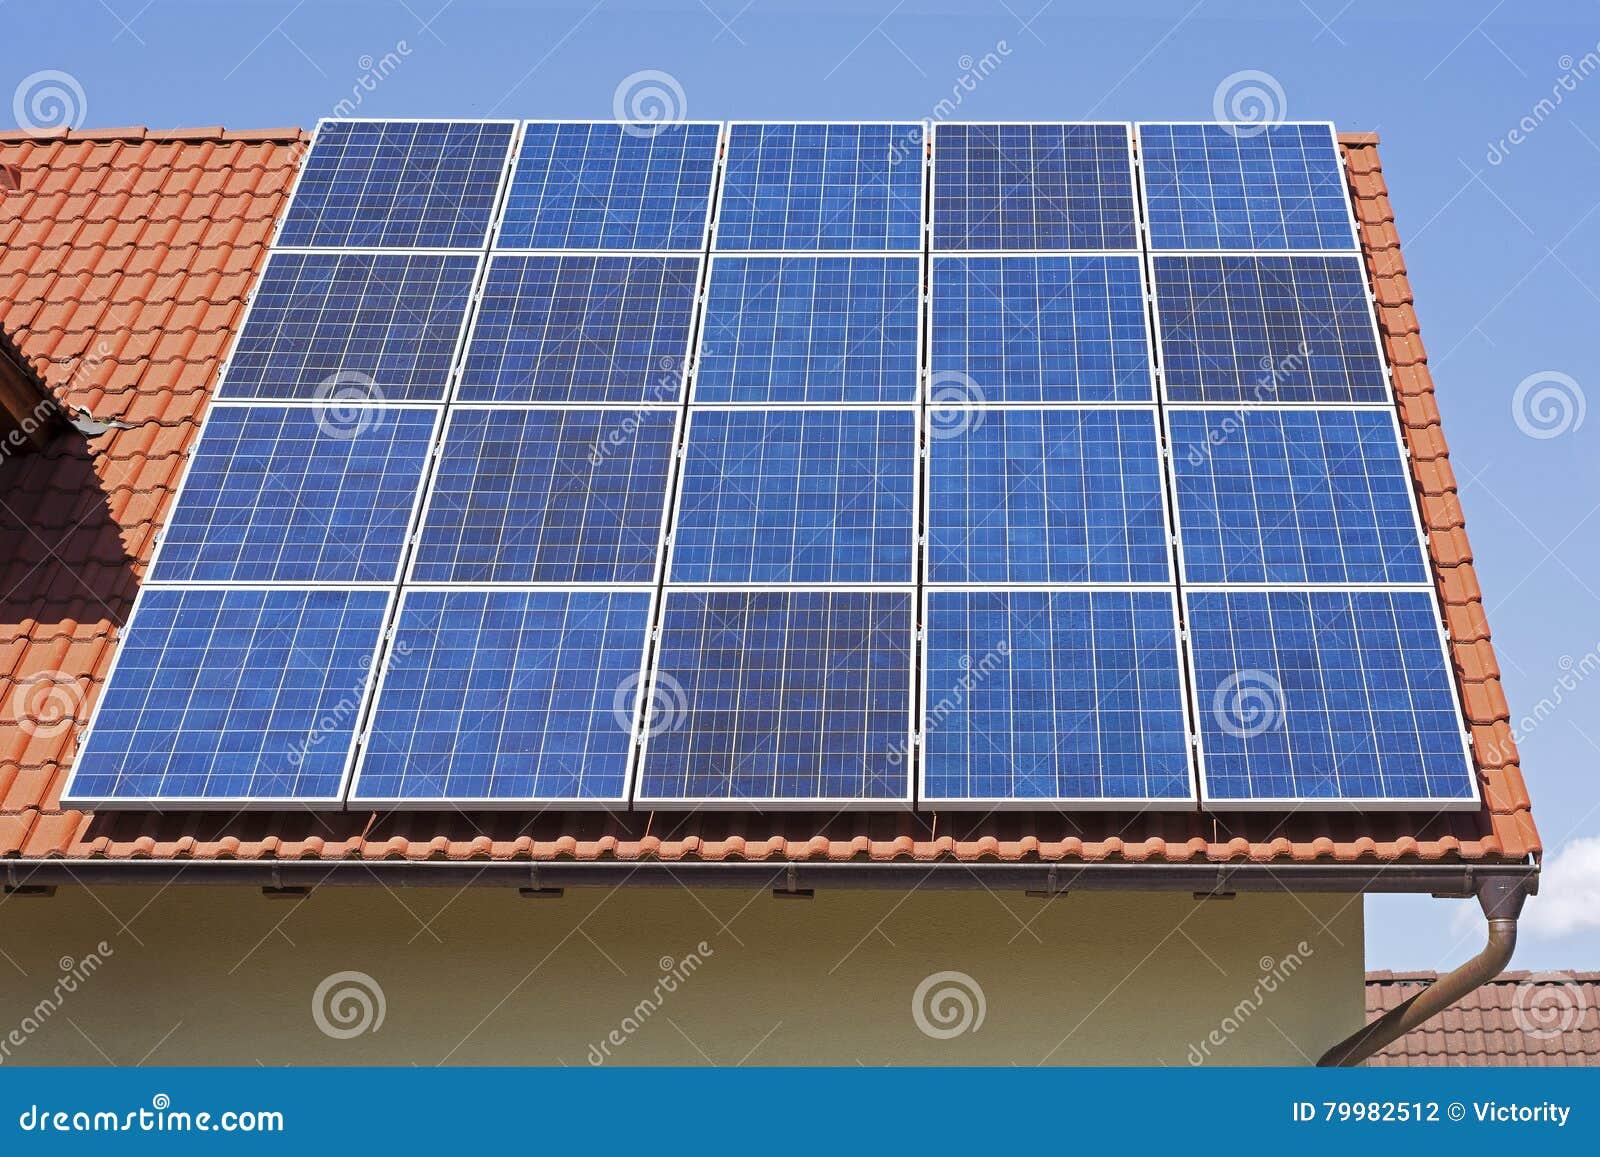 Instalar placas solares en tejado en australia comienza una fiebre por instalar paneles solares - Instalar placas solares en casa ...